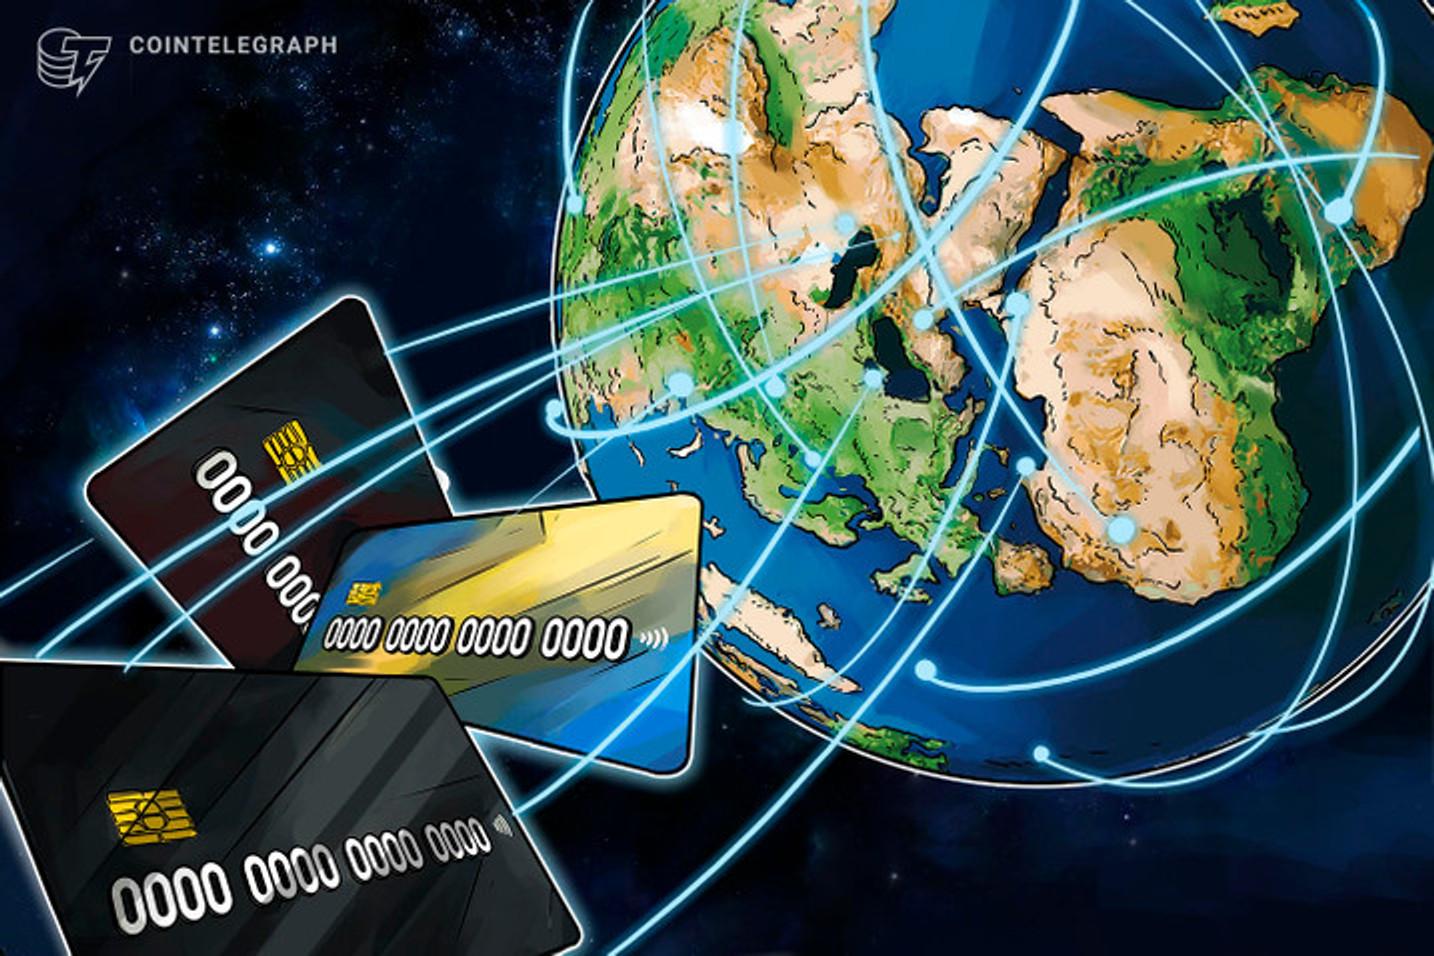 Lemon Cash lanza una tarjeta en Argentina que combina dinero fiat y criptomonedas